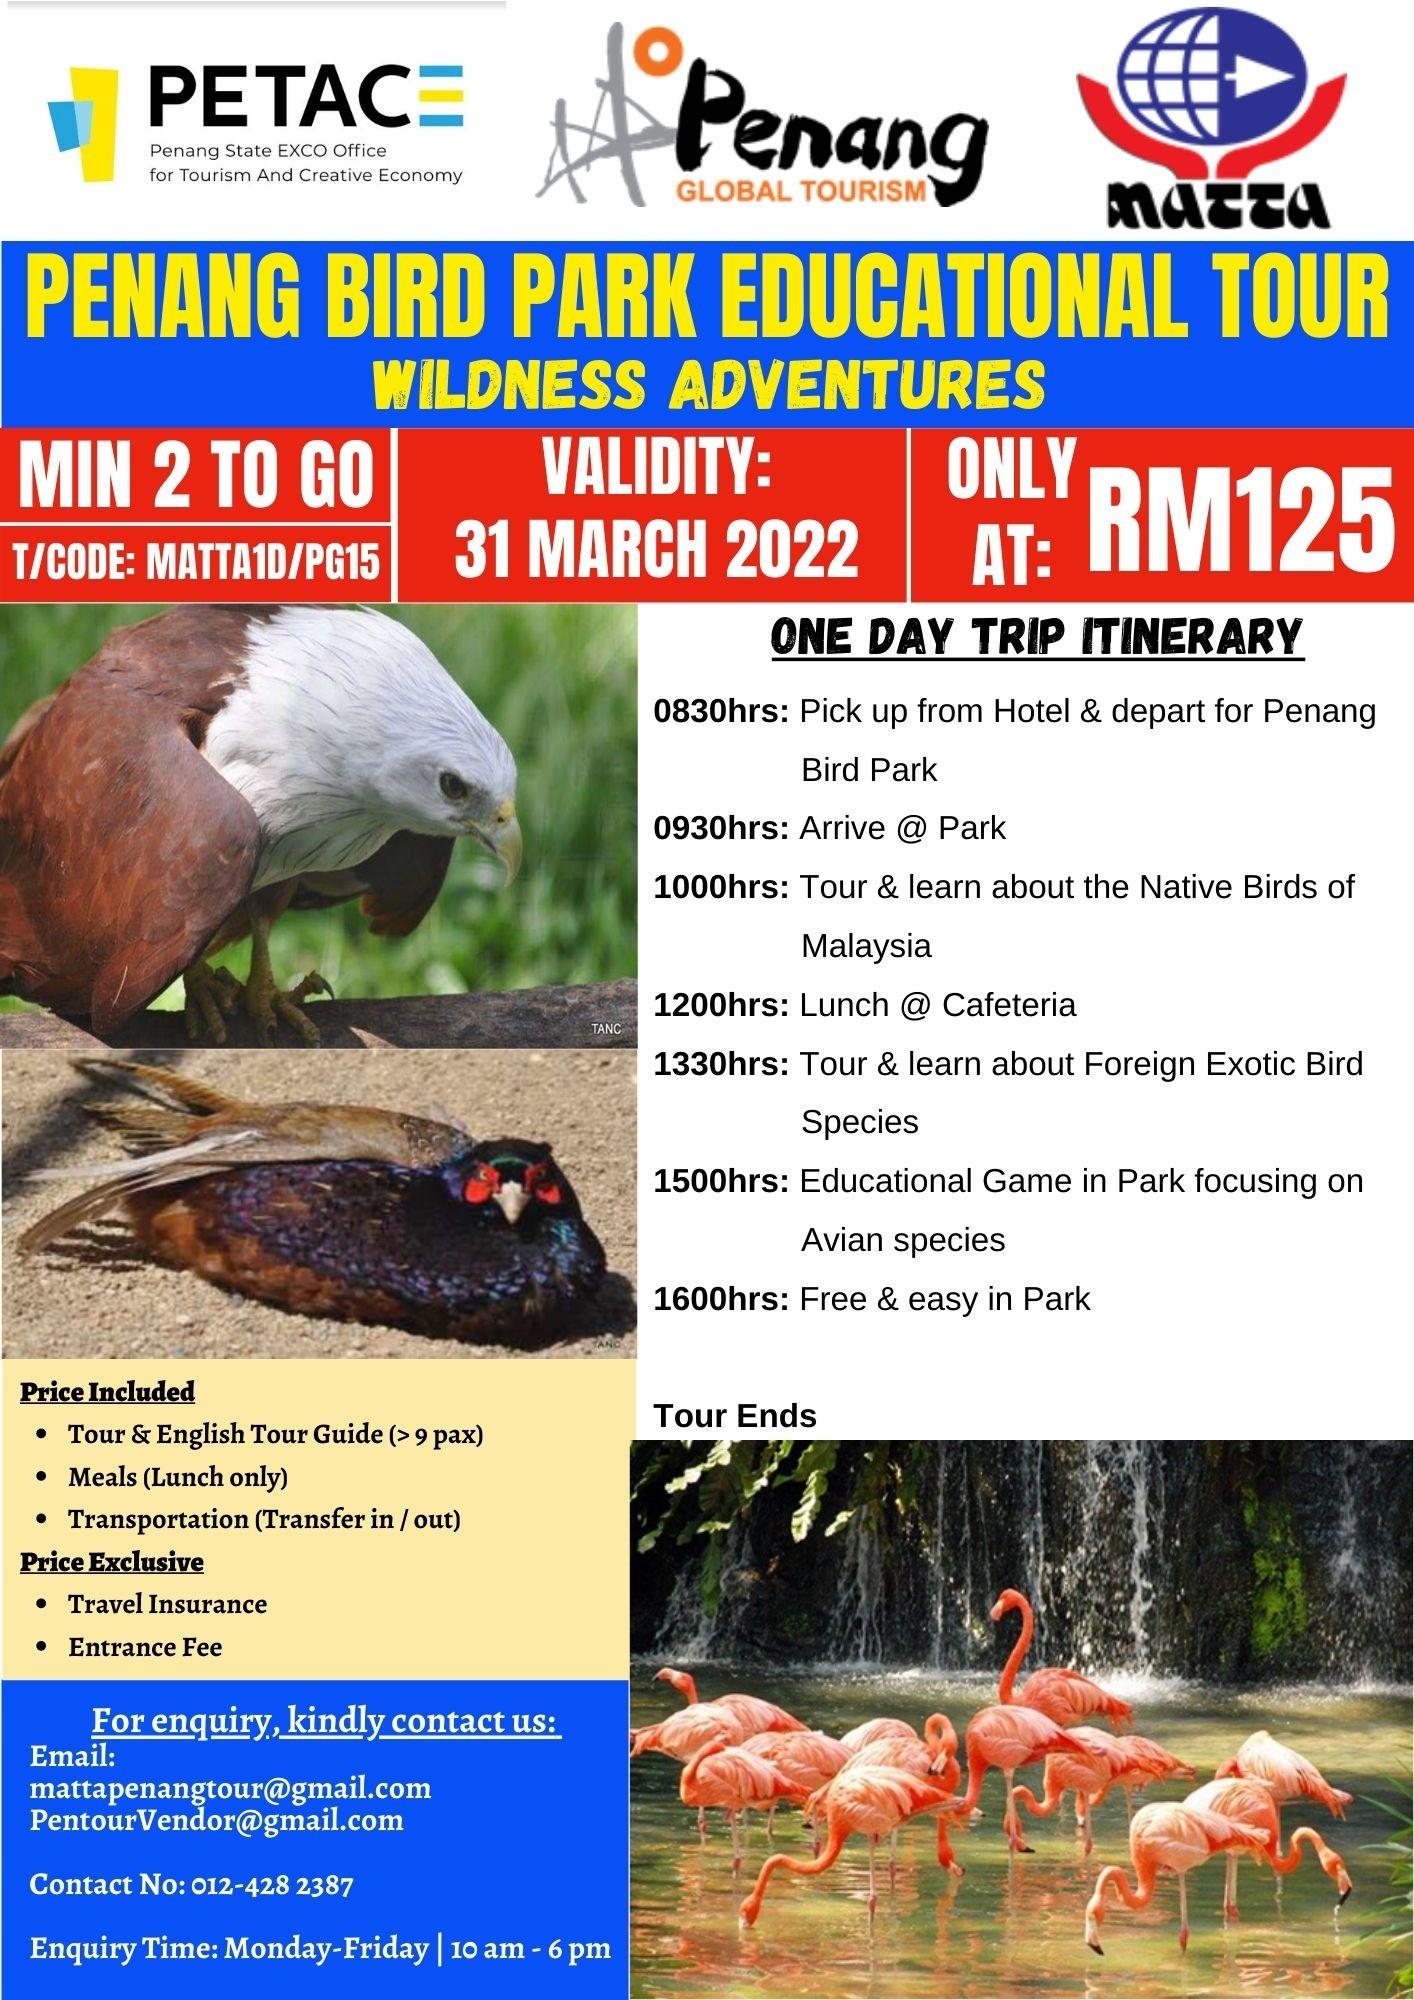 Penang Bird Park Educational Tour